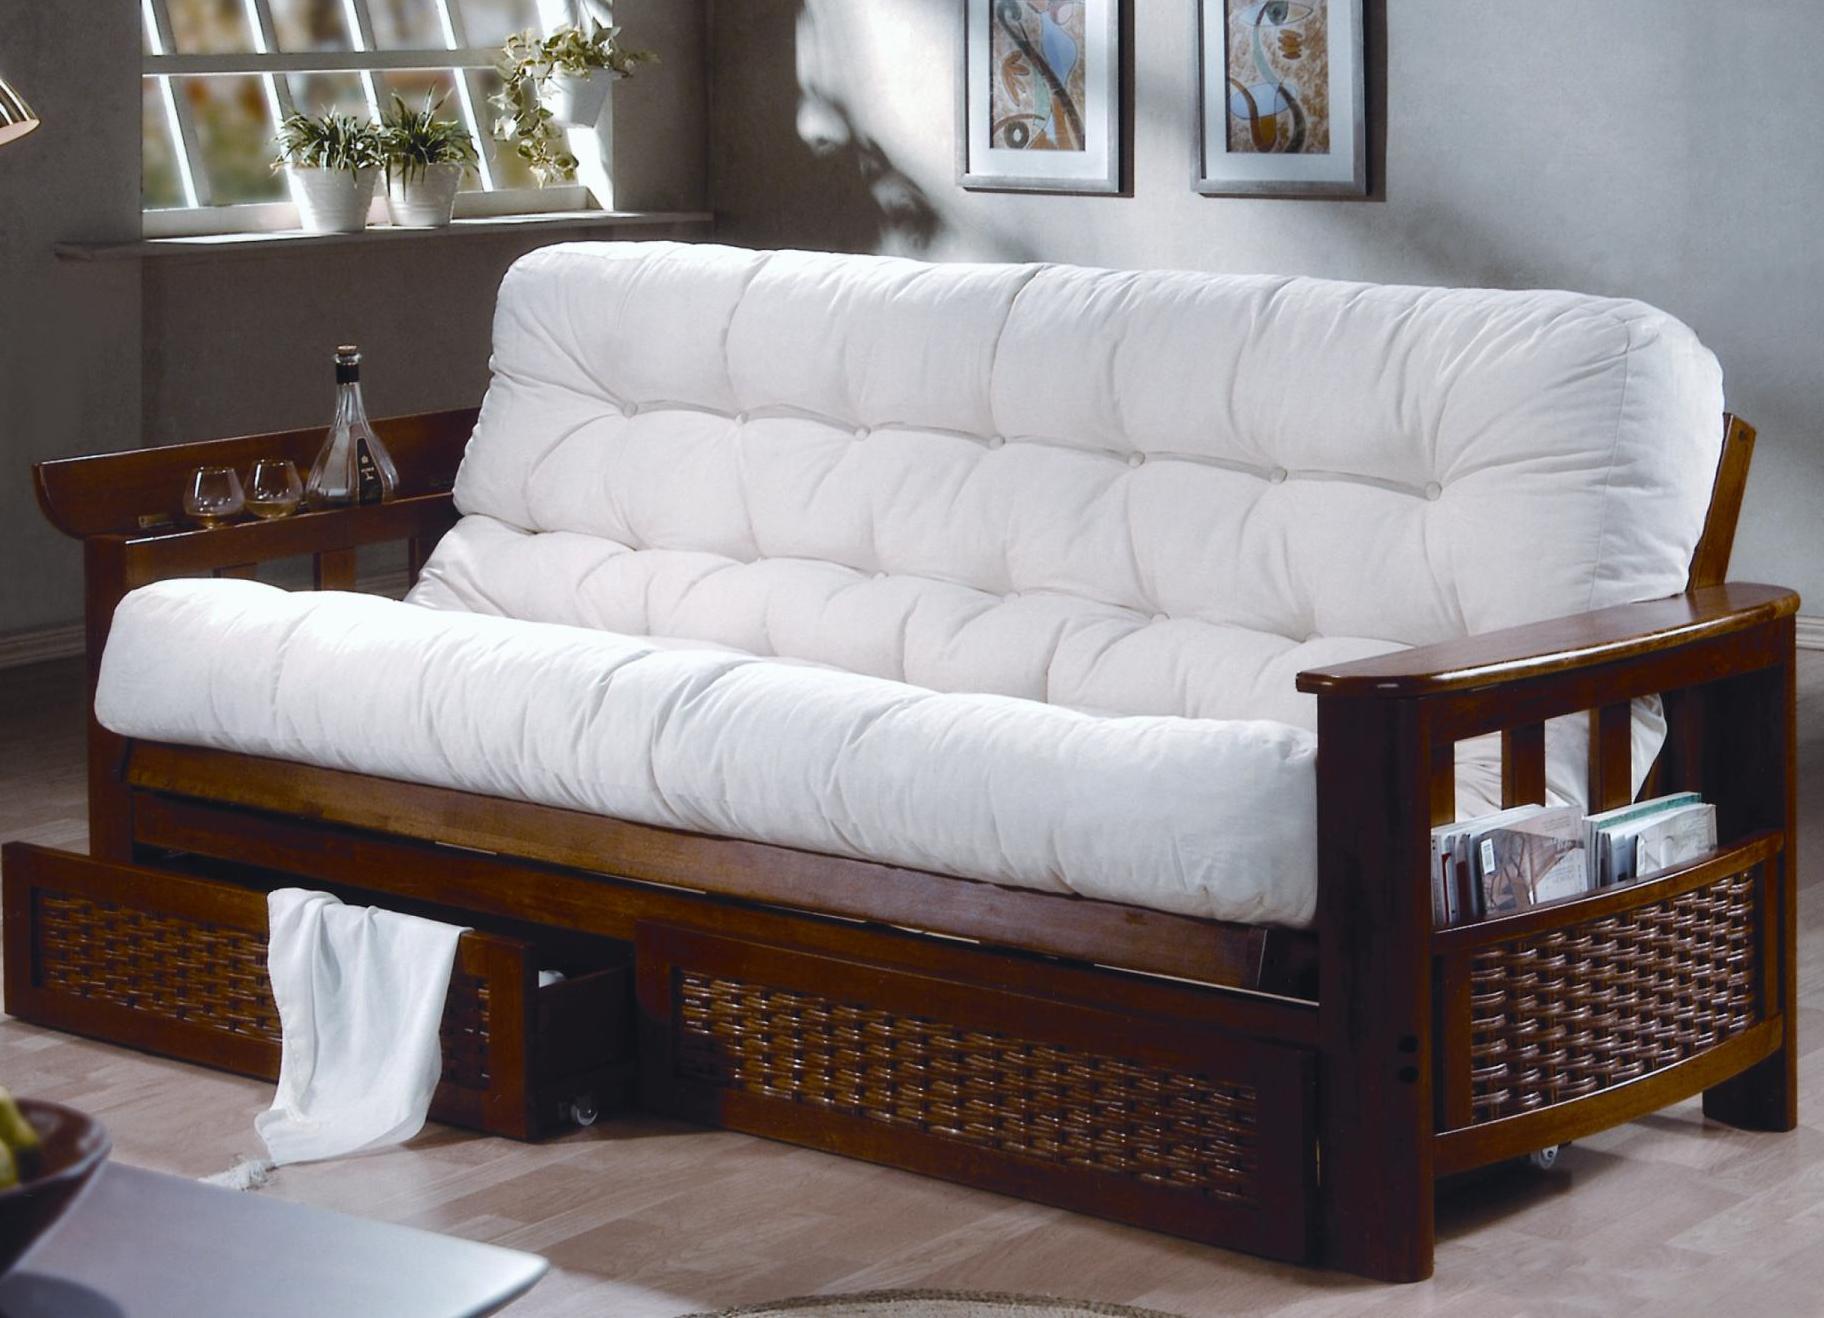 Деревянный диван в интерьере дома